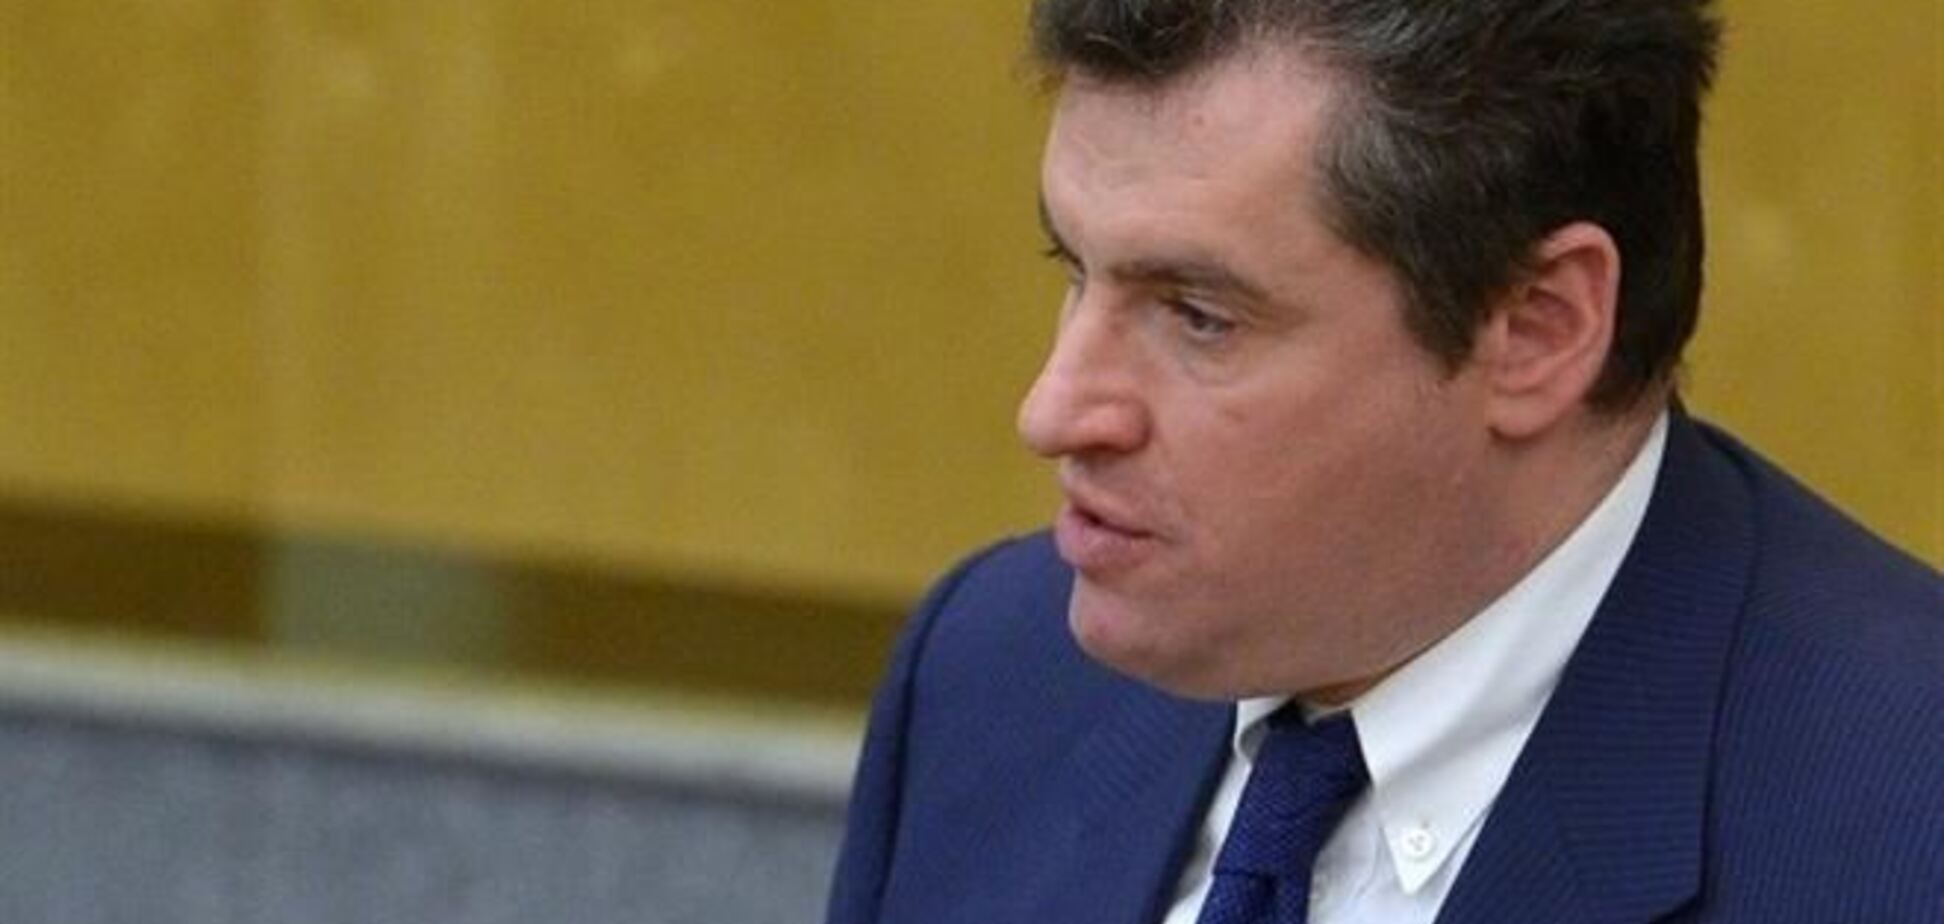 Слуцкий считает, что вторжение в Украину объединяет российское общество